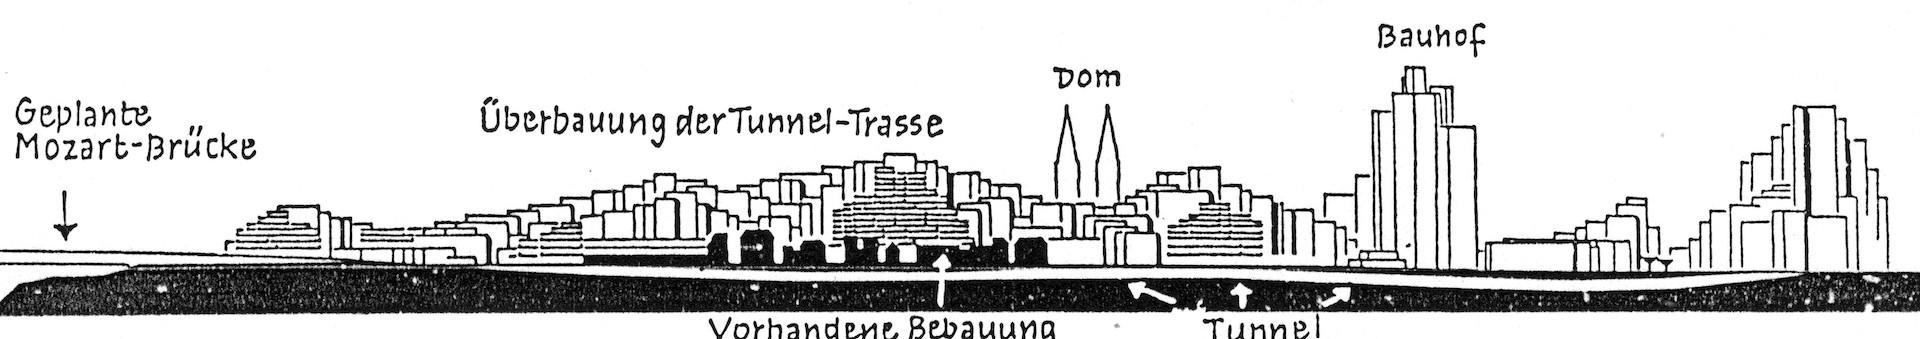 Hochhausüberbauung im Ostertorviertel nach den Plänen des Städtebauinstituts Nürnberg. Schematische Darstellung im Weser-Kurier am 7.3.1972. Quelle: Weser-Kurier